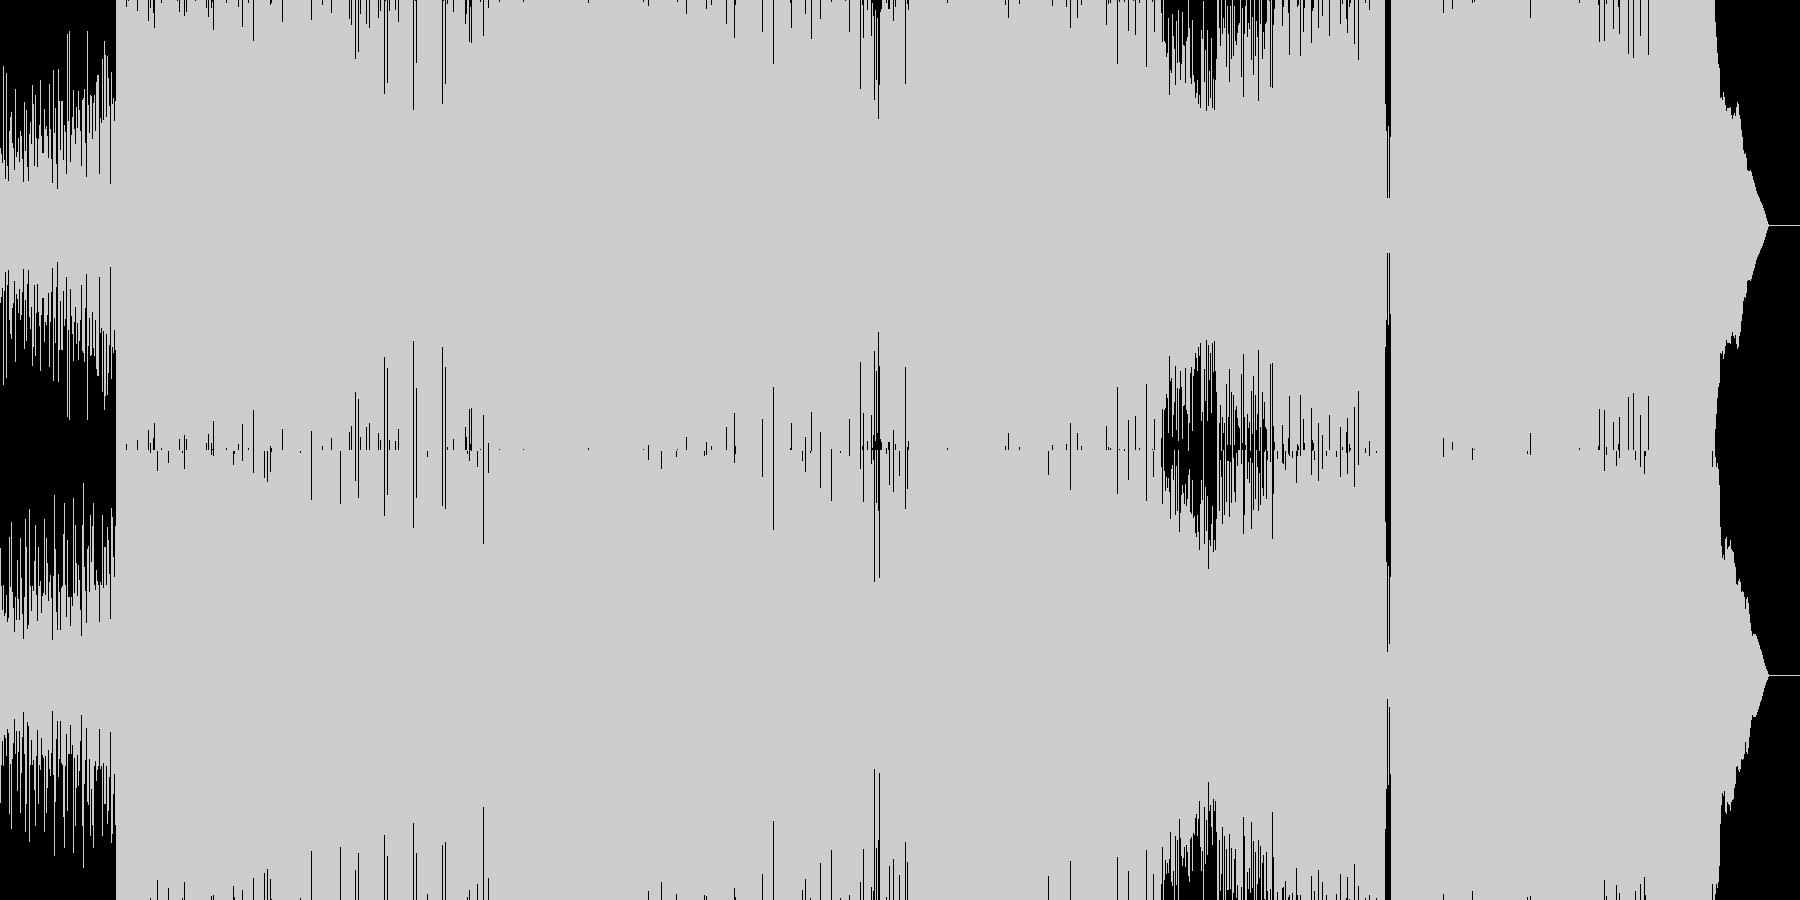 シンセが効いたノれるロックEDMの未再生の波形